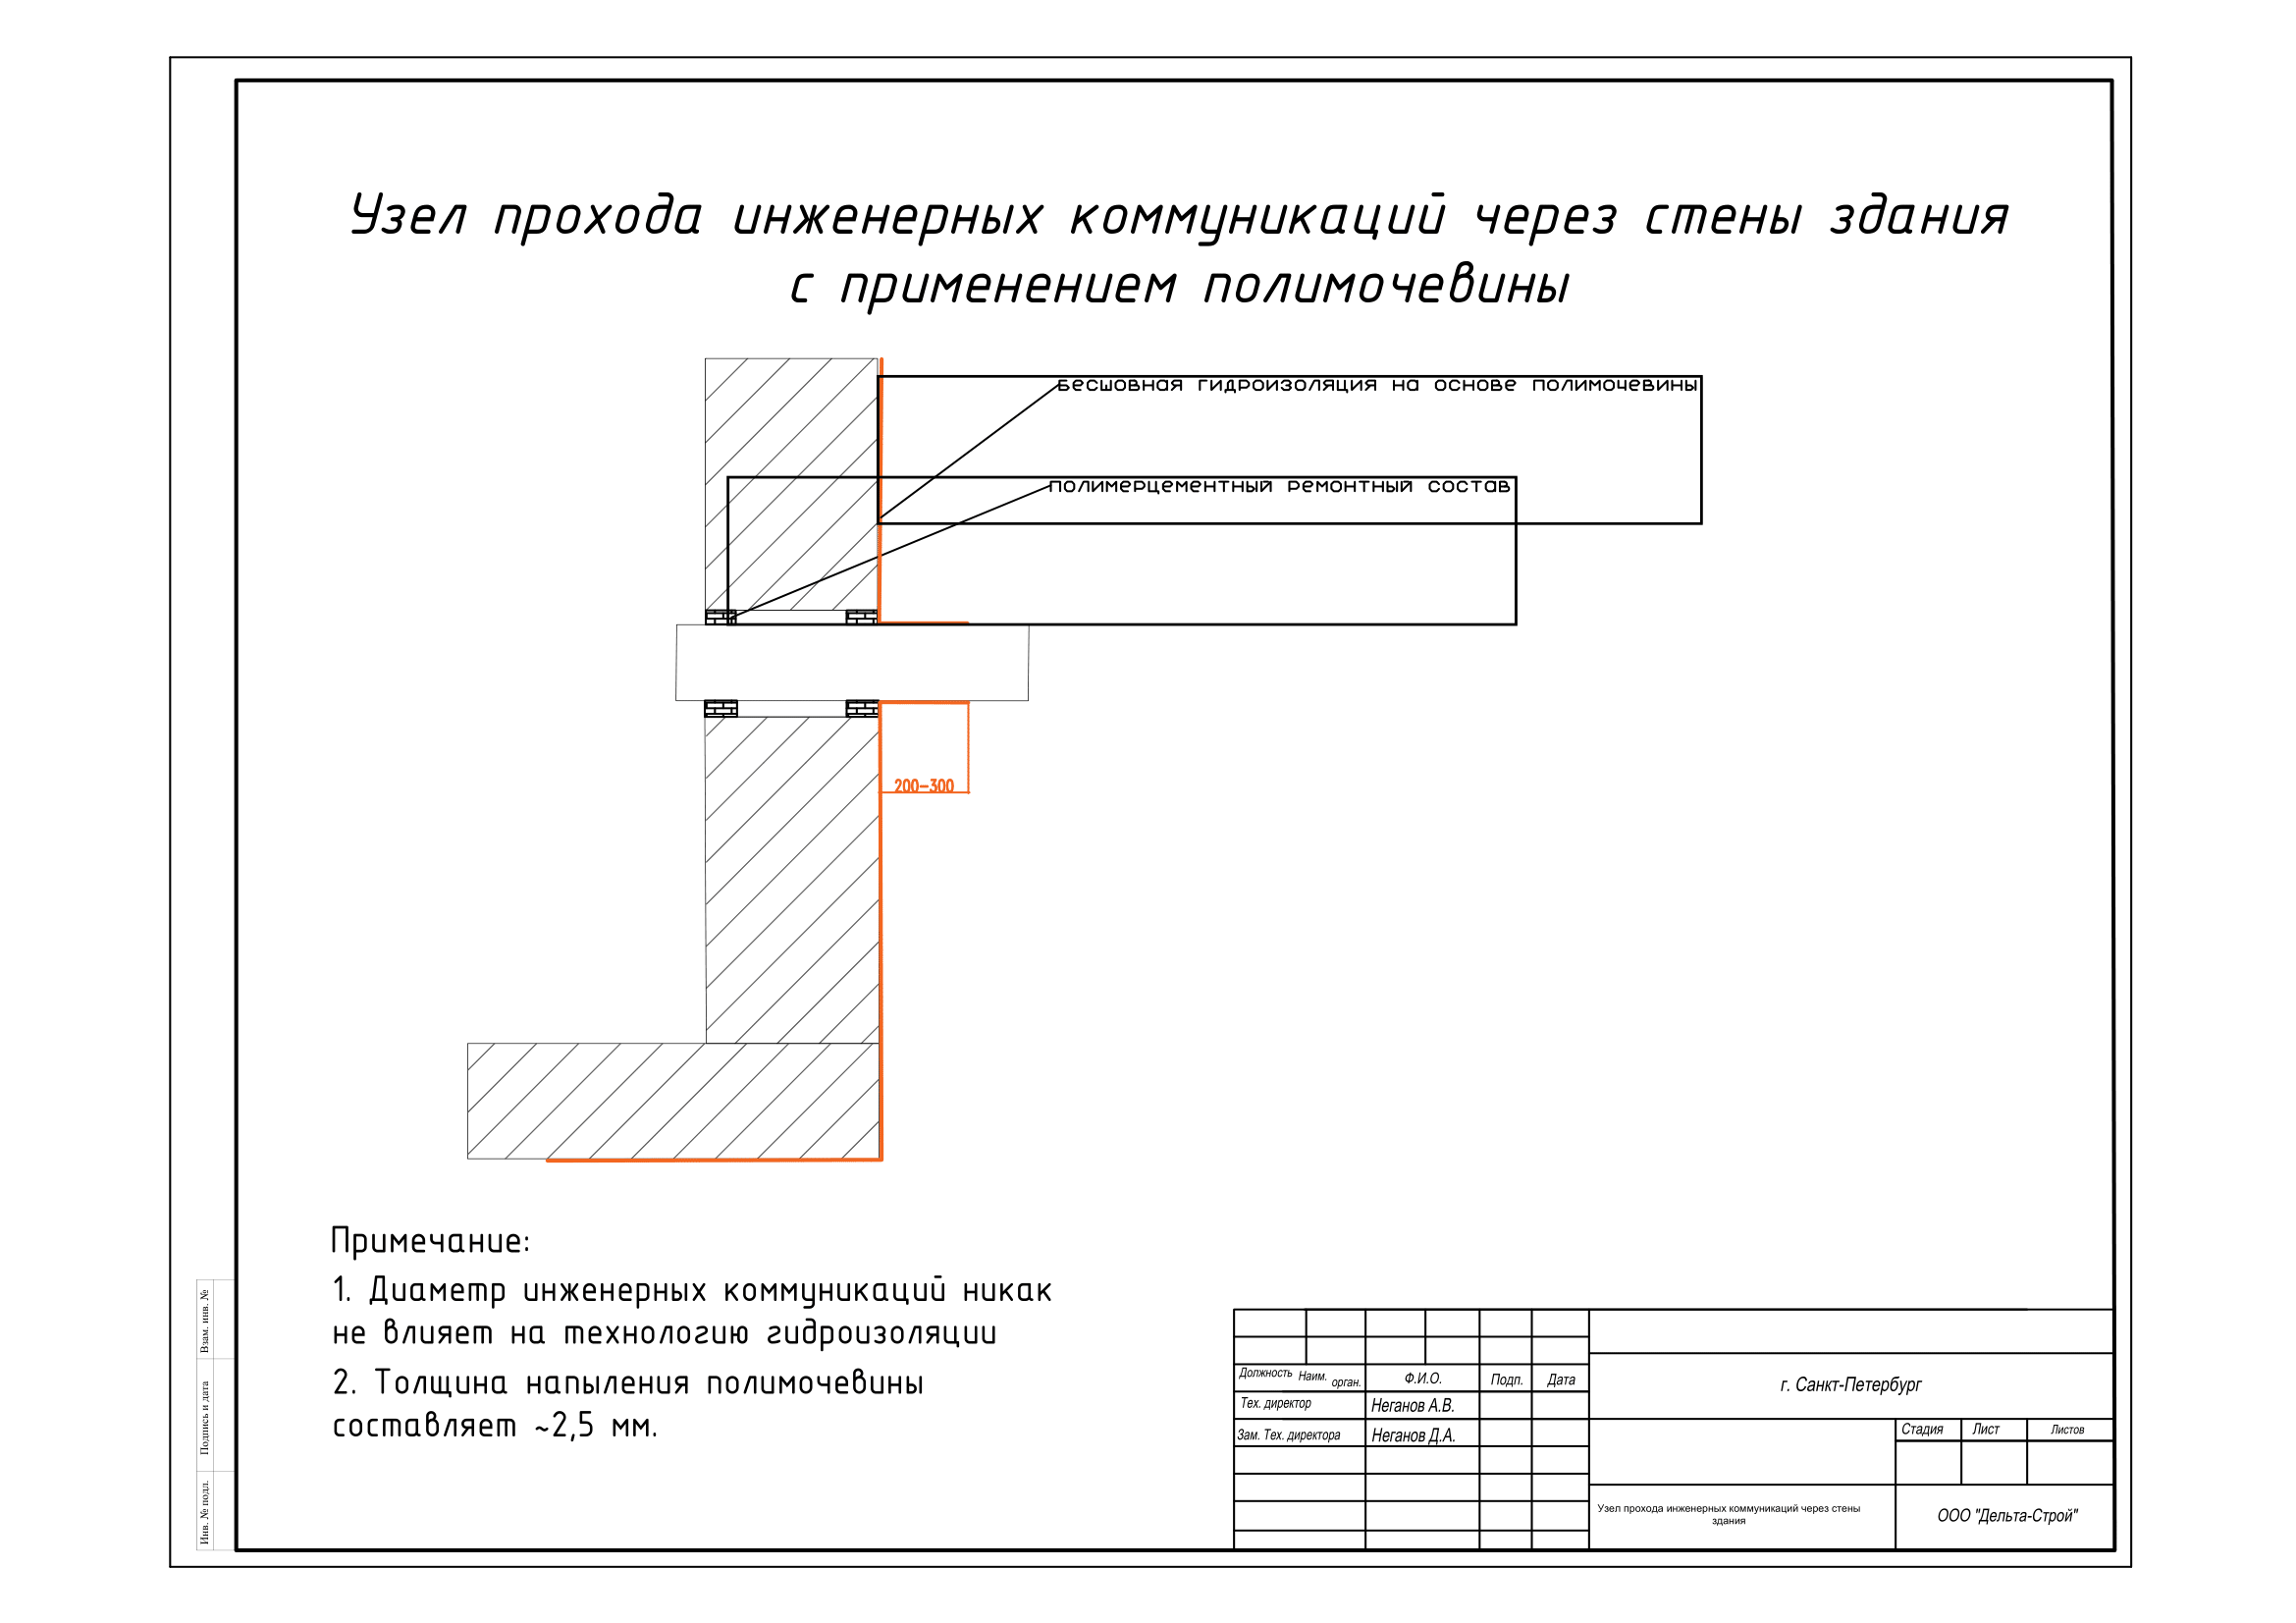 гидроизоляция вводов инженерных коммуникаций с применением полимочевины-1